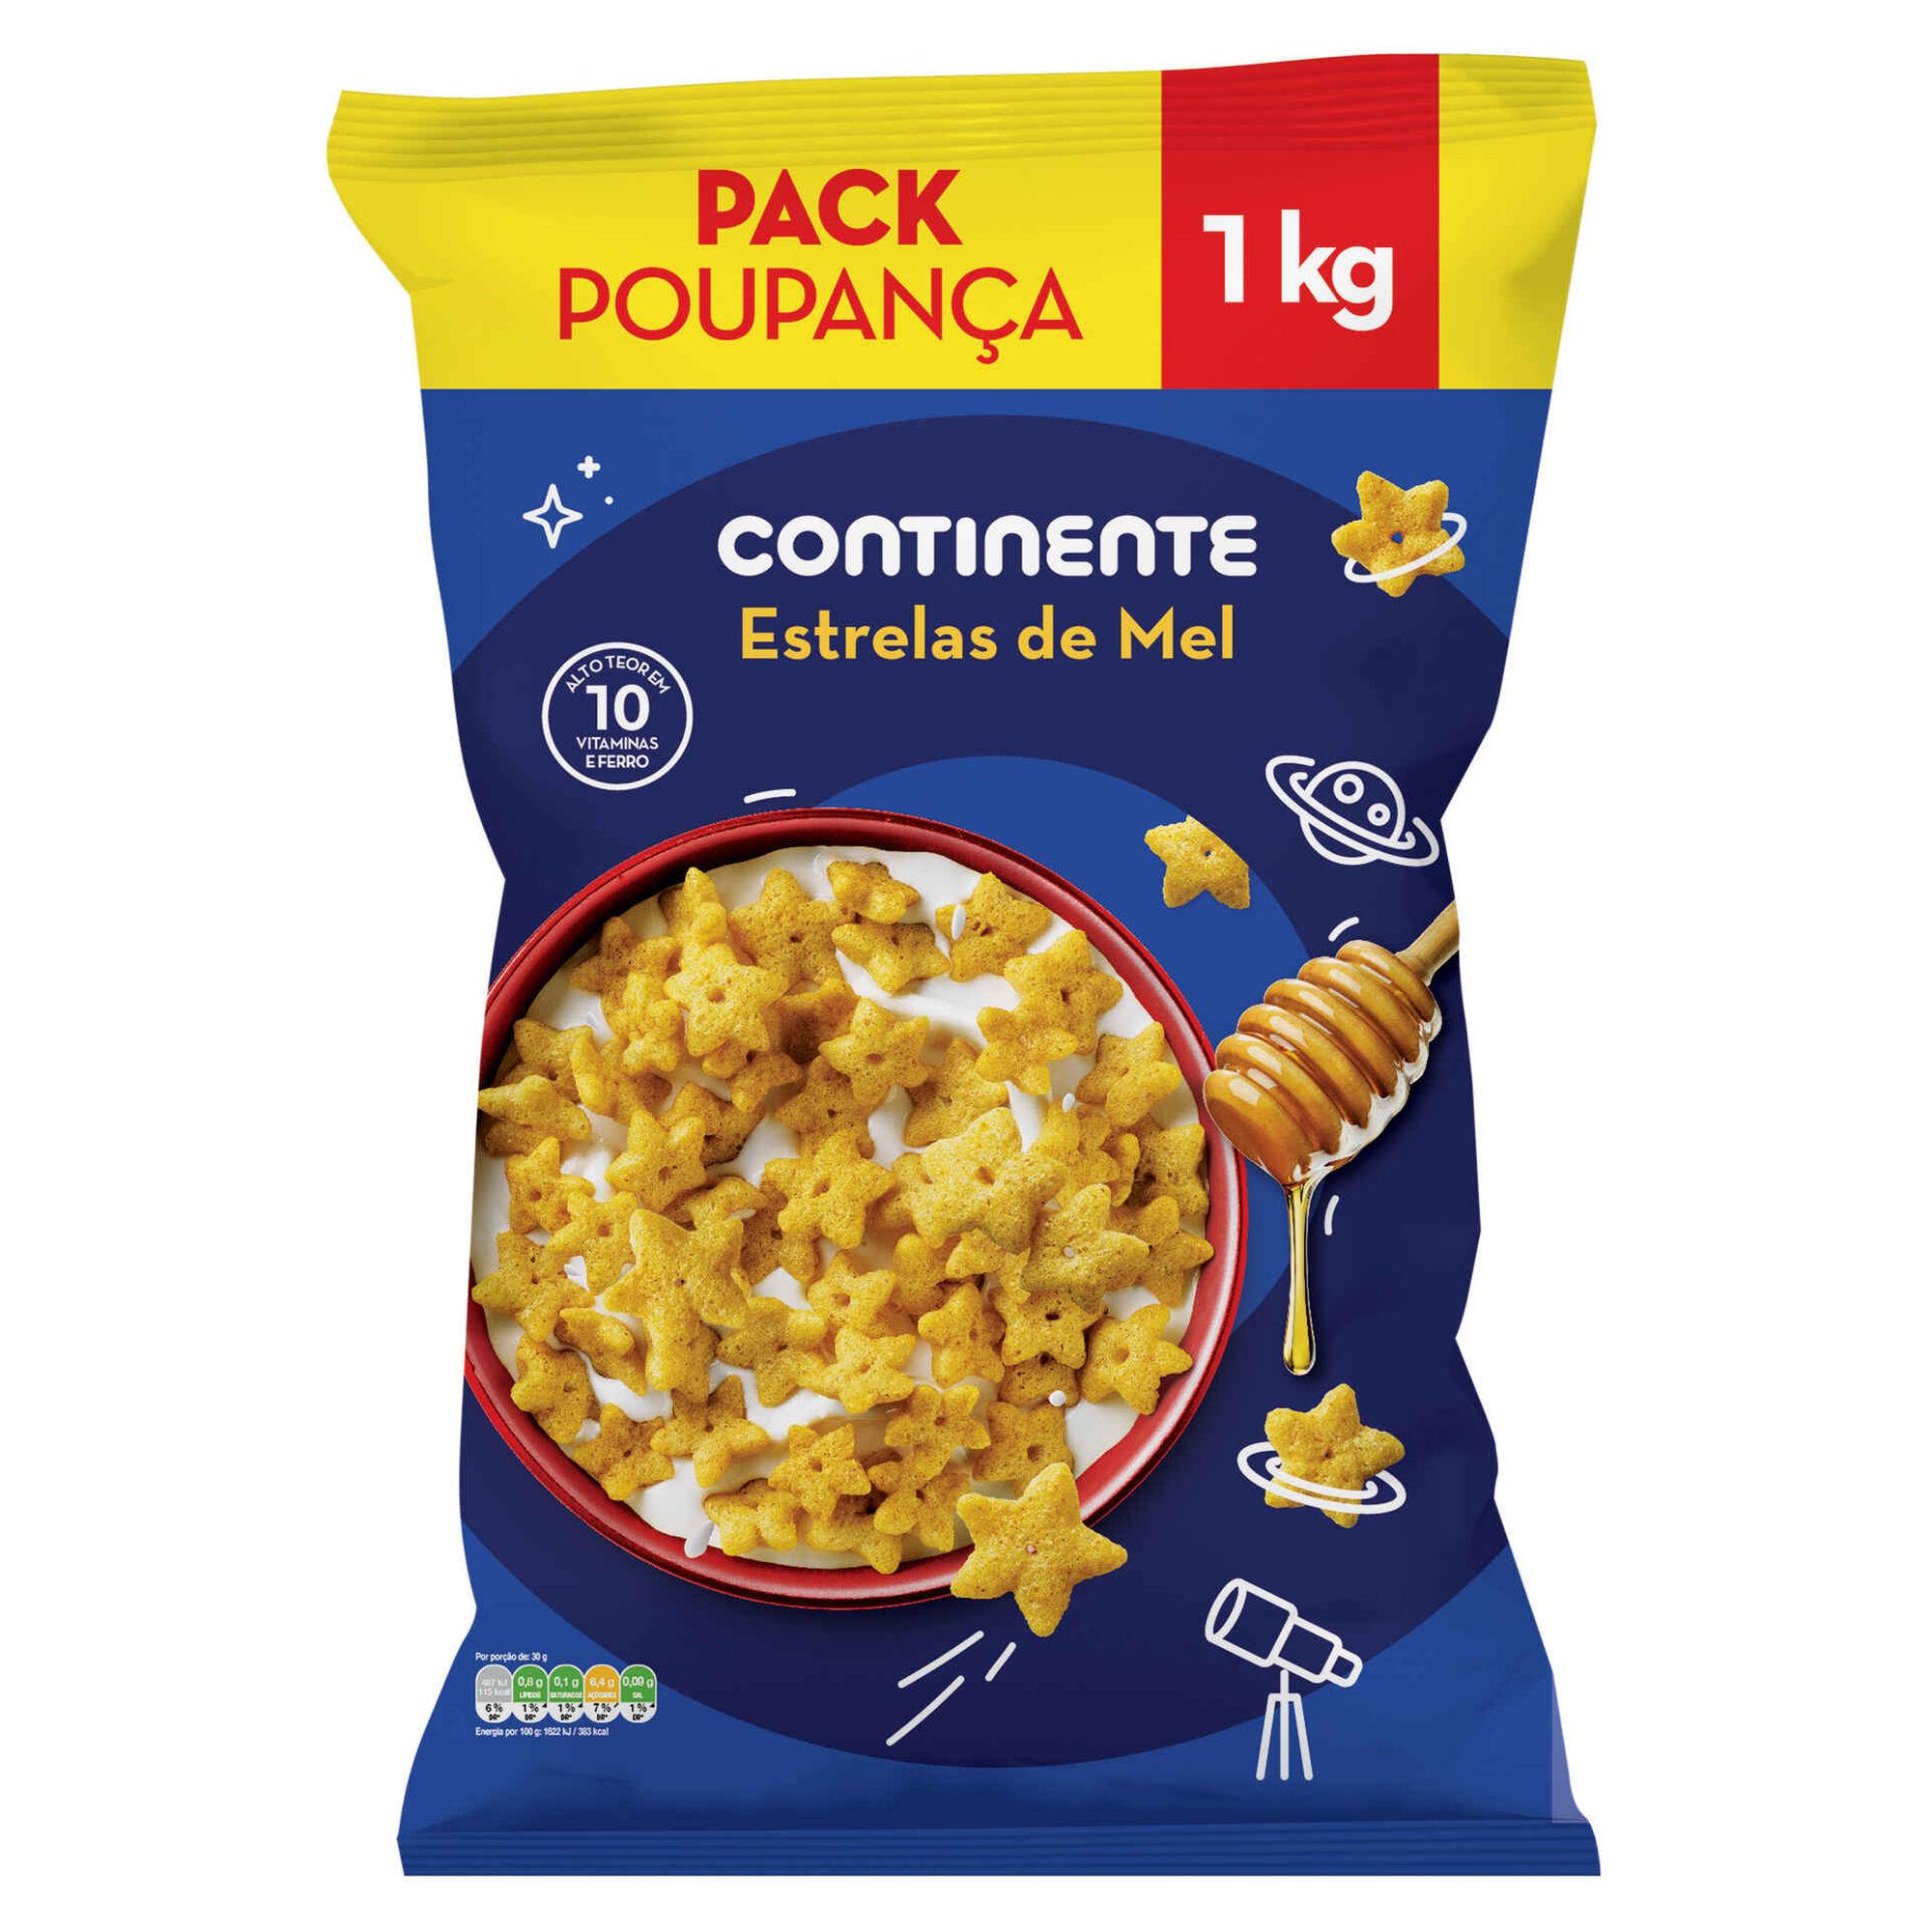 Cereais Estrelas de Mel Pack Poupança